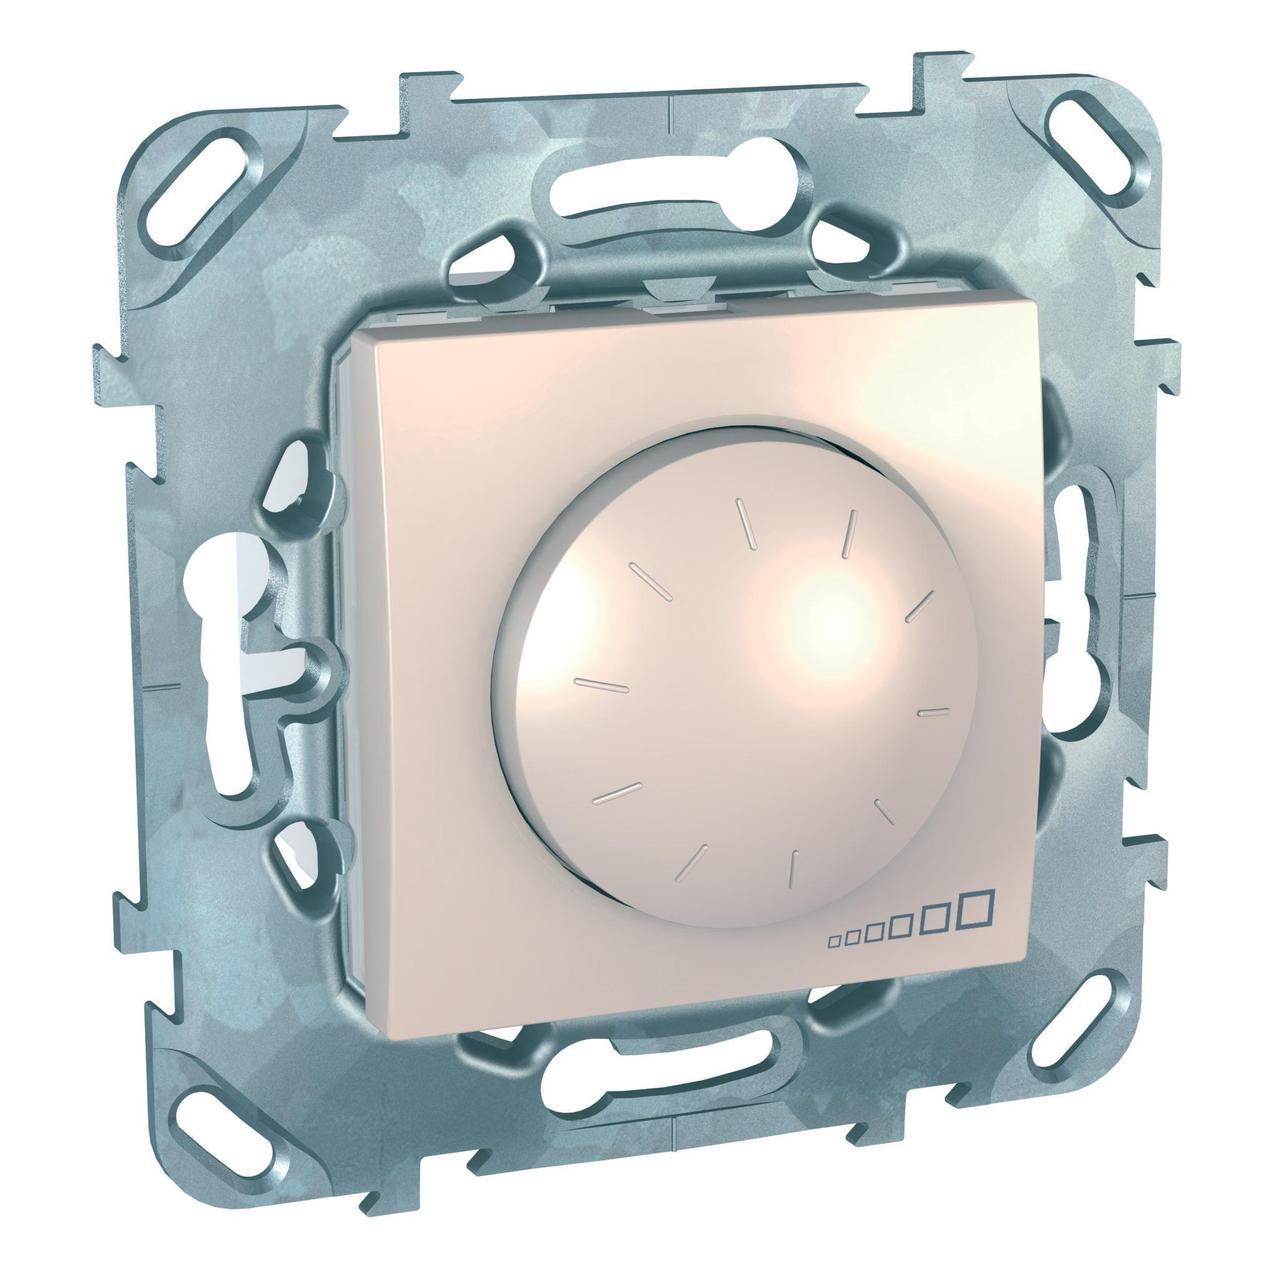 Диммер поворотно-нажимной , 400Вт LED универсальны , Бежевый, серия Unica, Schneider Electric